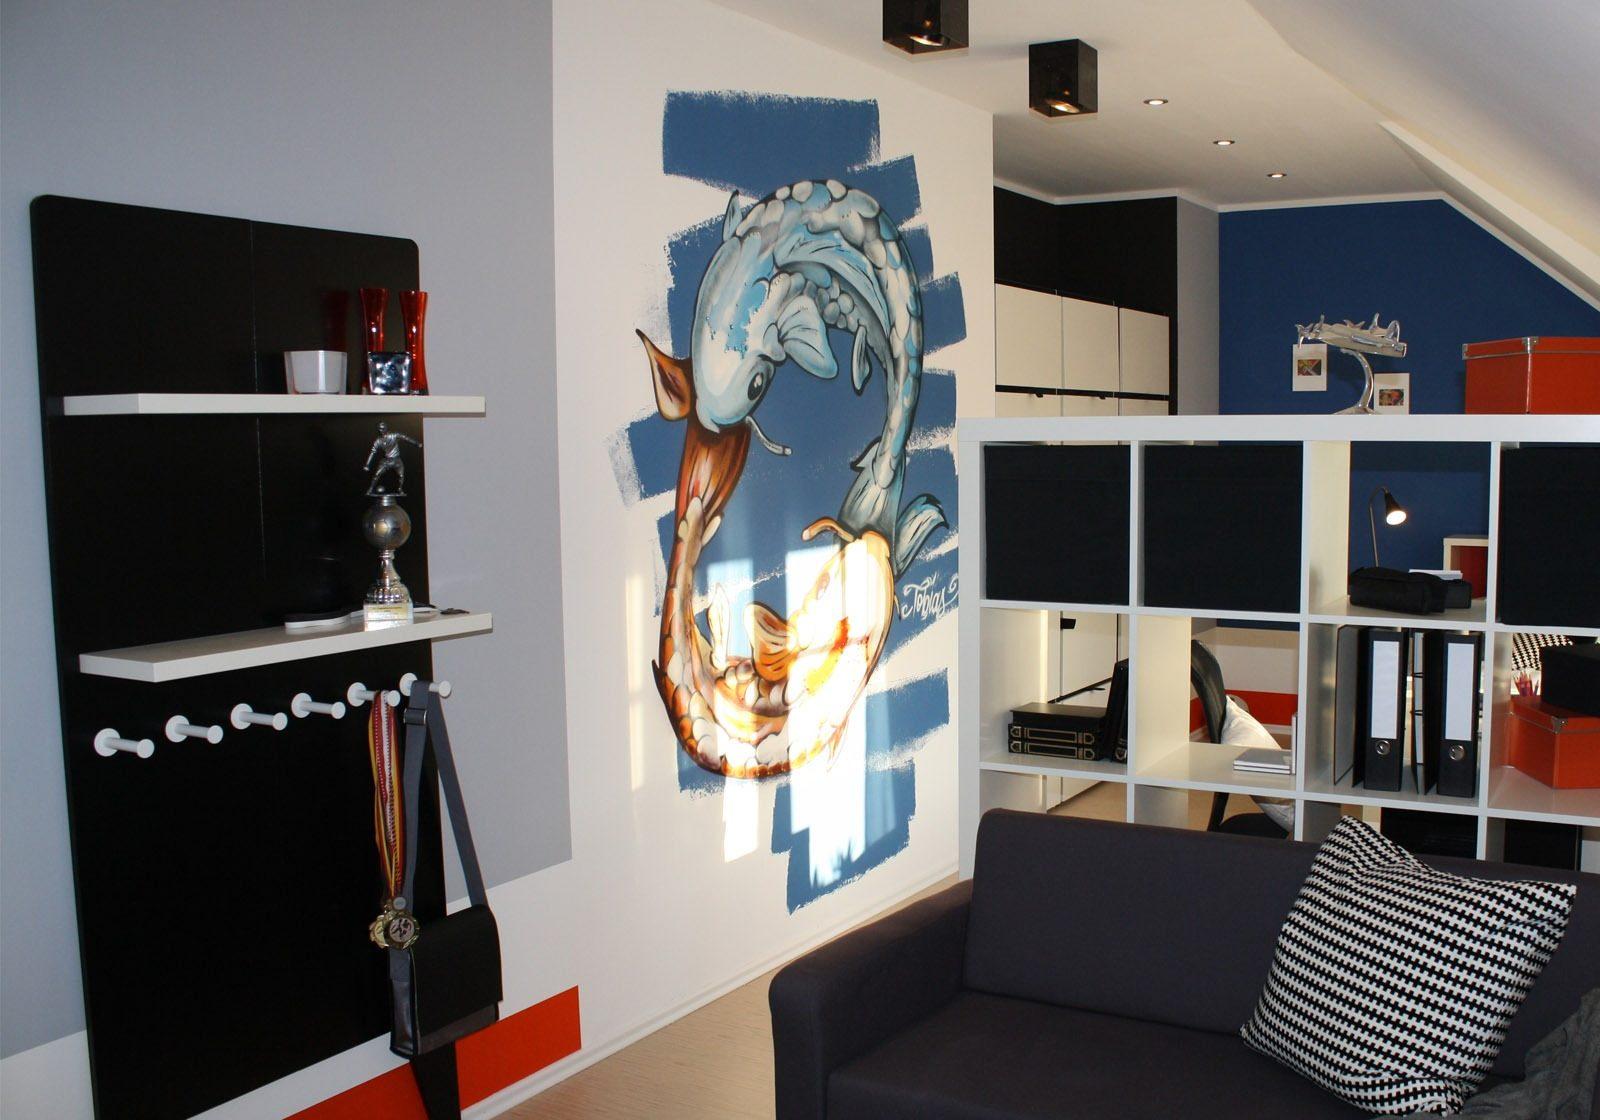 graffitiauftrag-graffitikuenstler-artmos4-zuhause-im-glueck-koi-fische-blau-orange-illustrativ